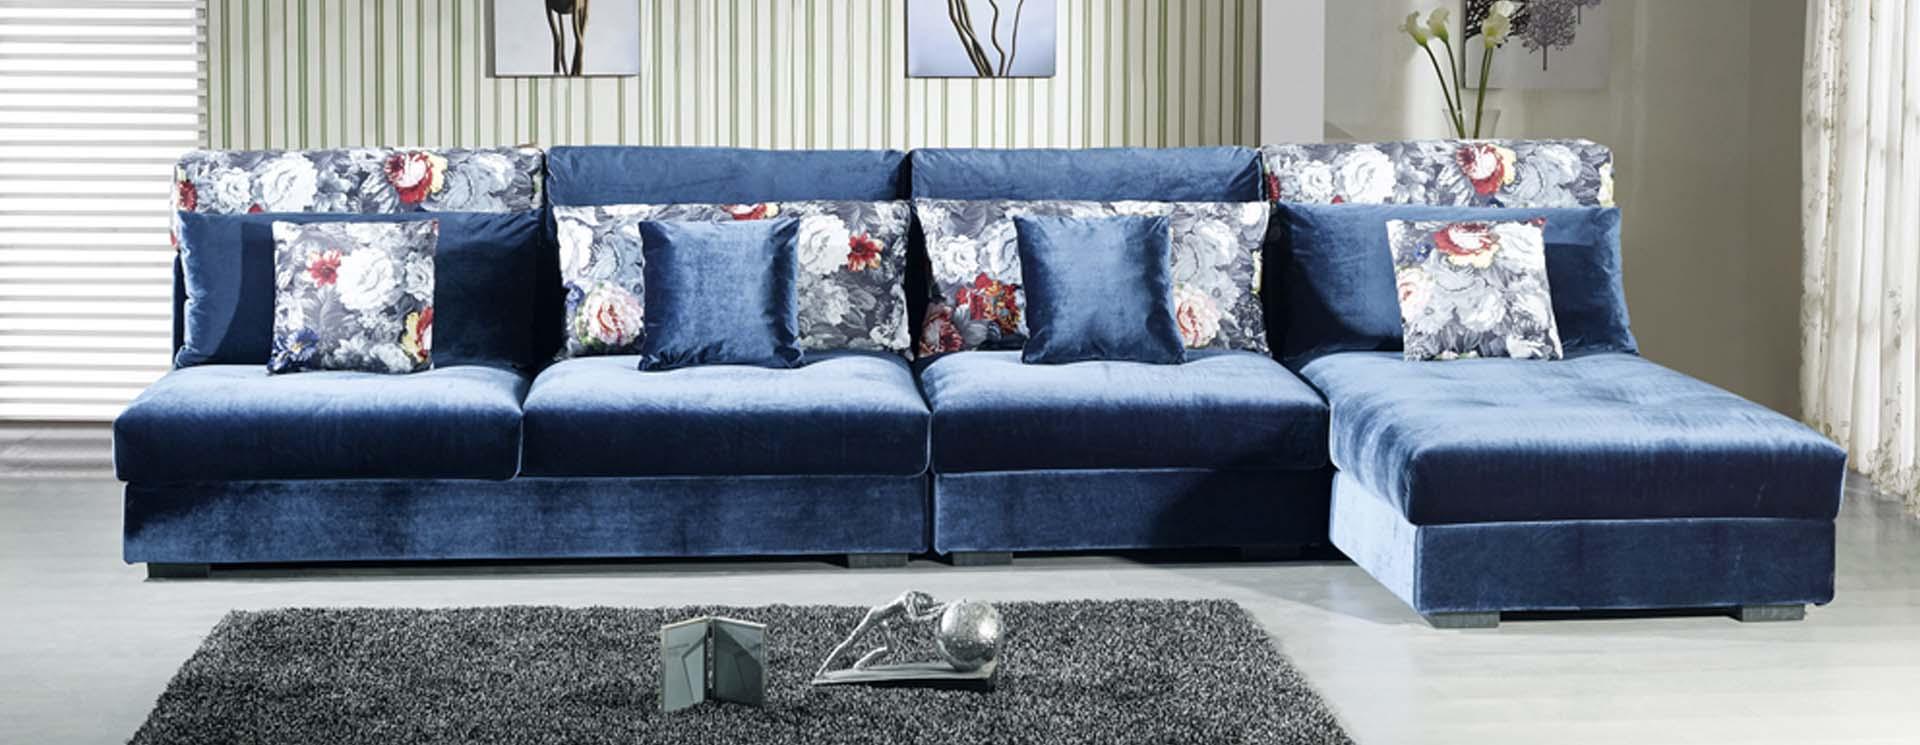 名称:沙发K586#A<br/> 市场价:<font style='color:#999;text-decoration:line-through;'>¥0</font><br />全国统一零售价:<font color='Red'>¥0.0</font>